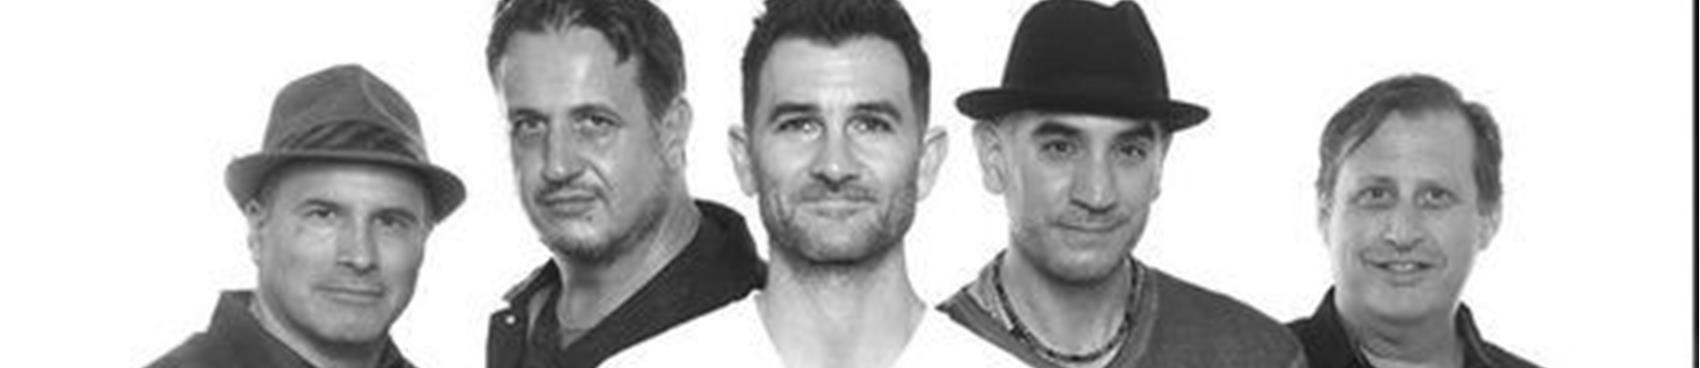 VEZERSTOCK Concert Series - Maroon Vibes